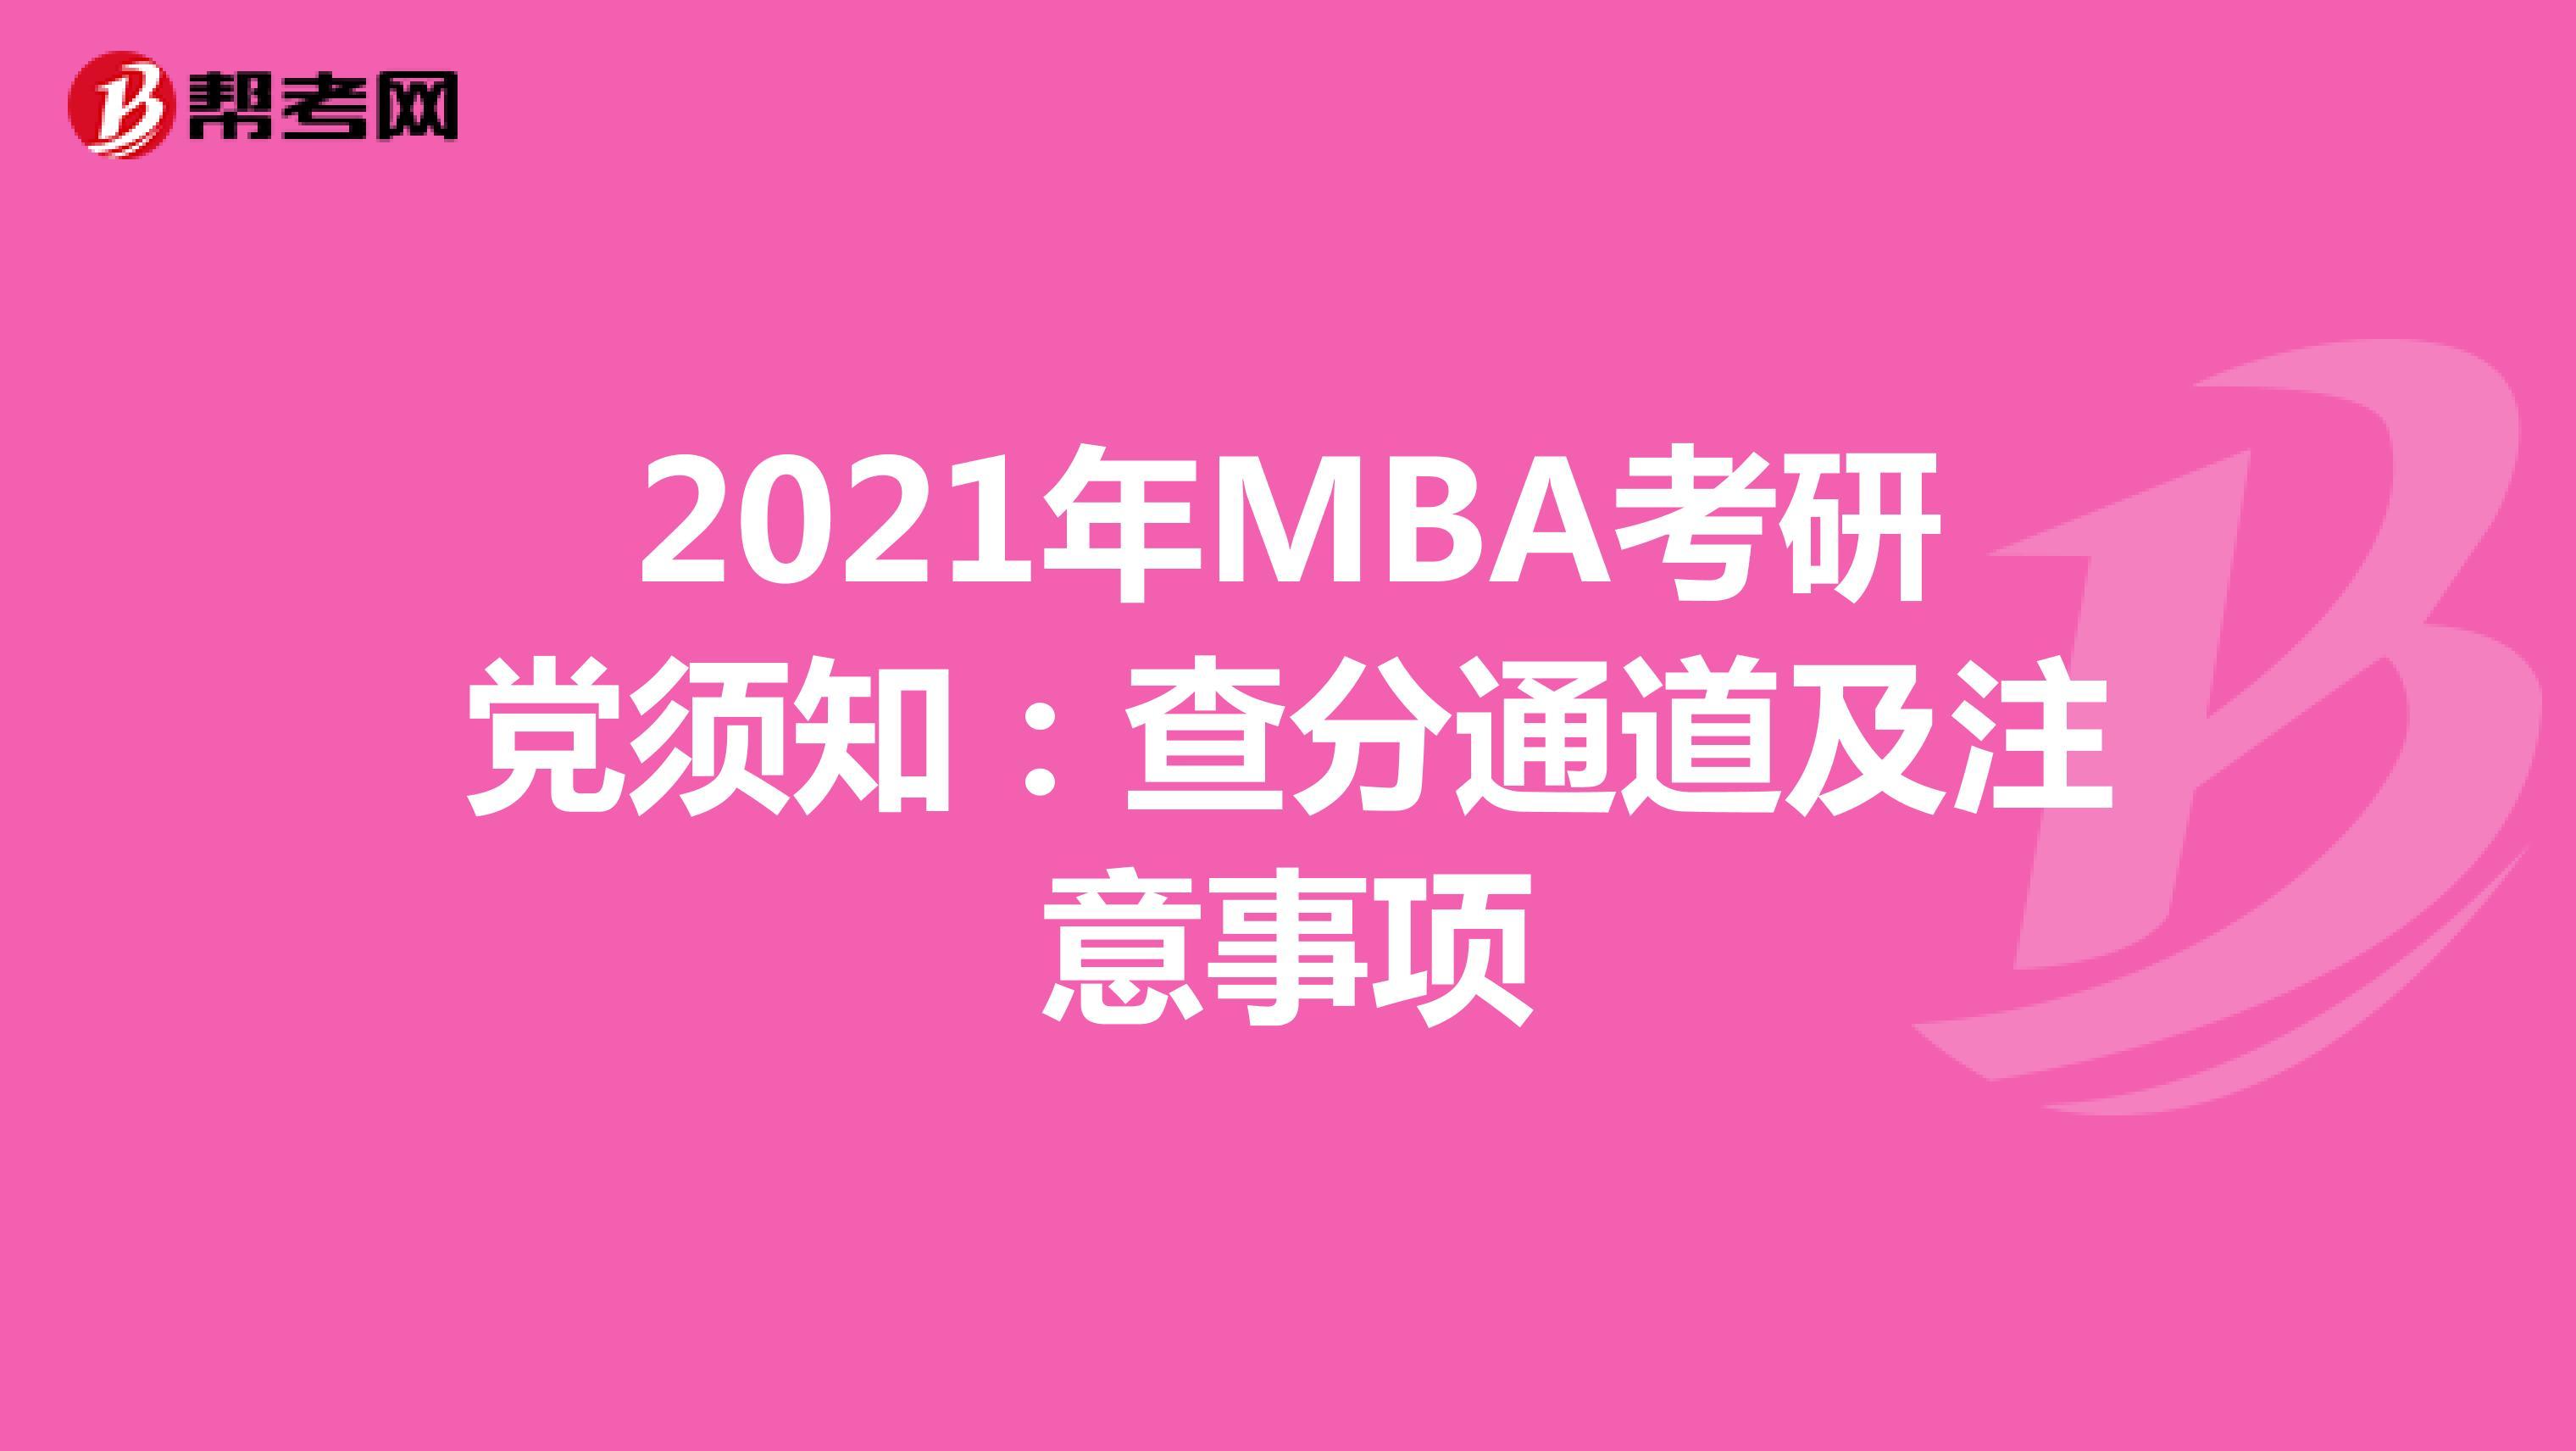 2021年MBA考研黨須知:查分通道及注意事項